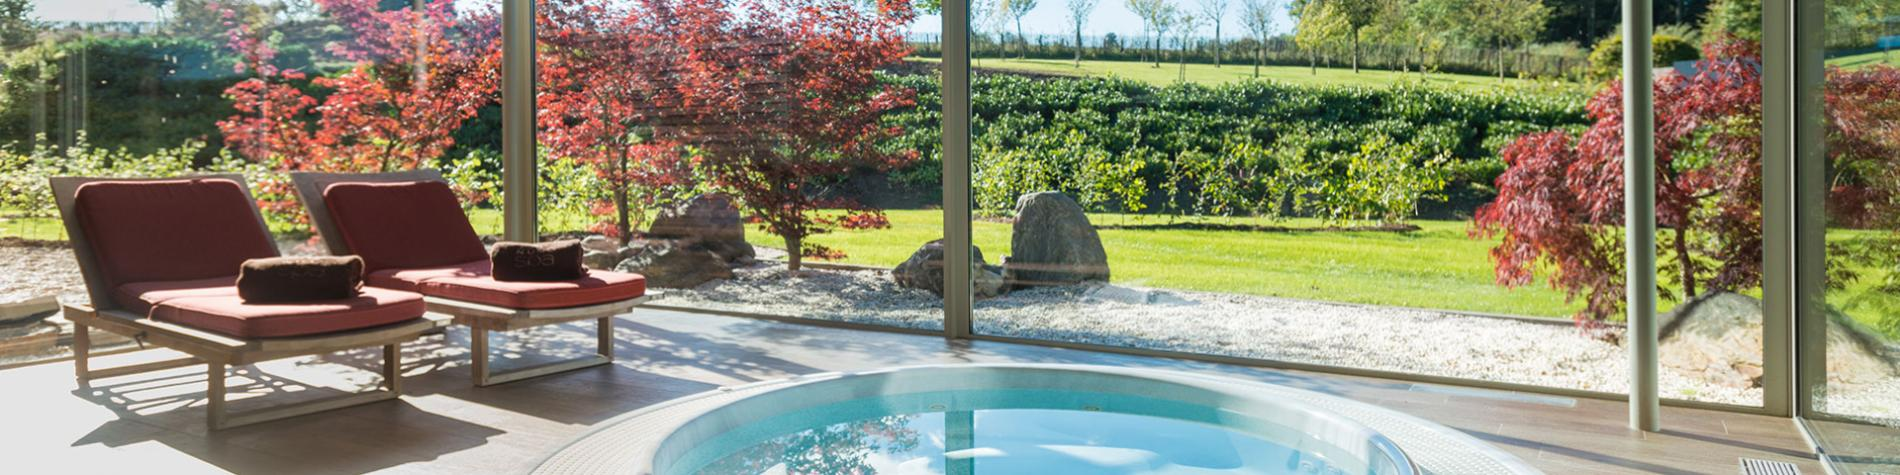 Hôtel des Bains - Wellness - lac de Robertville